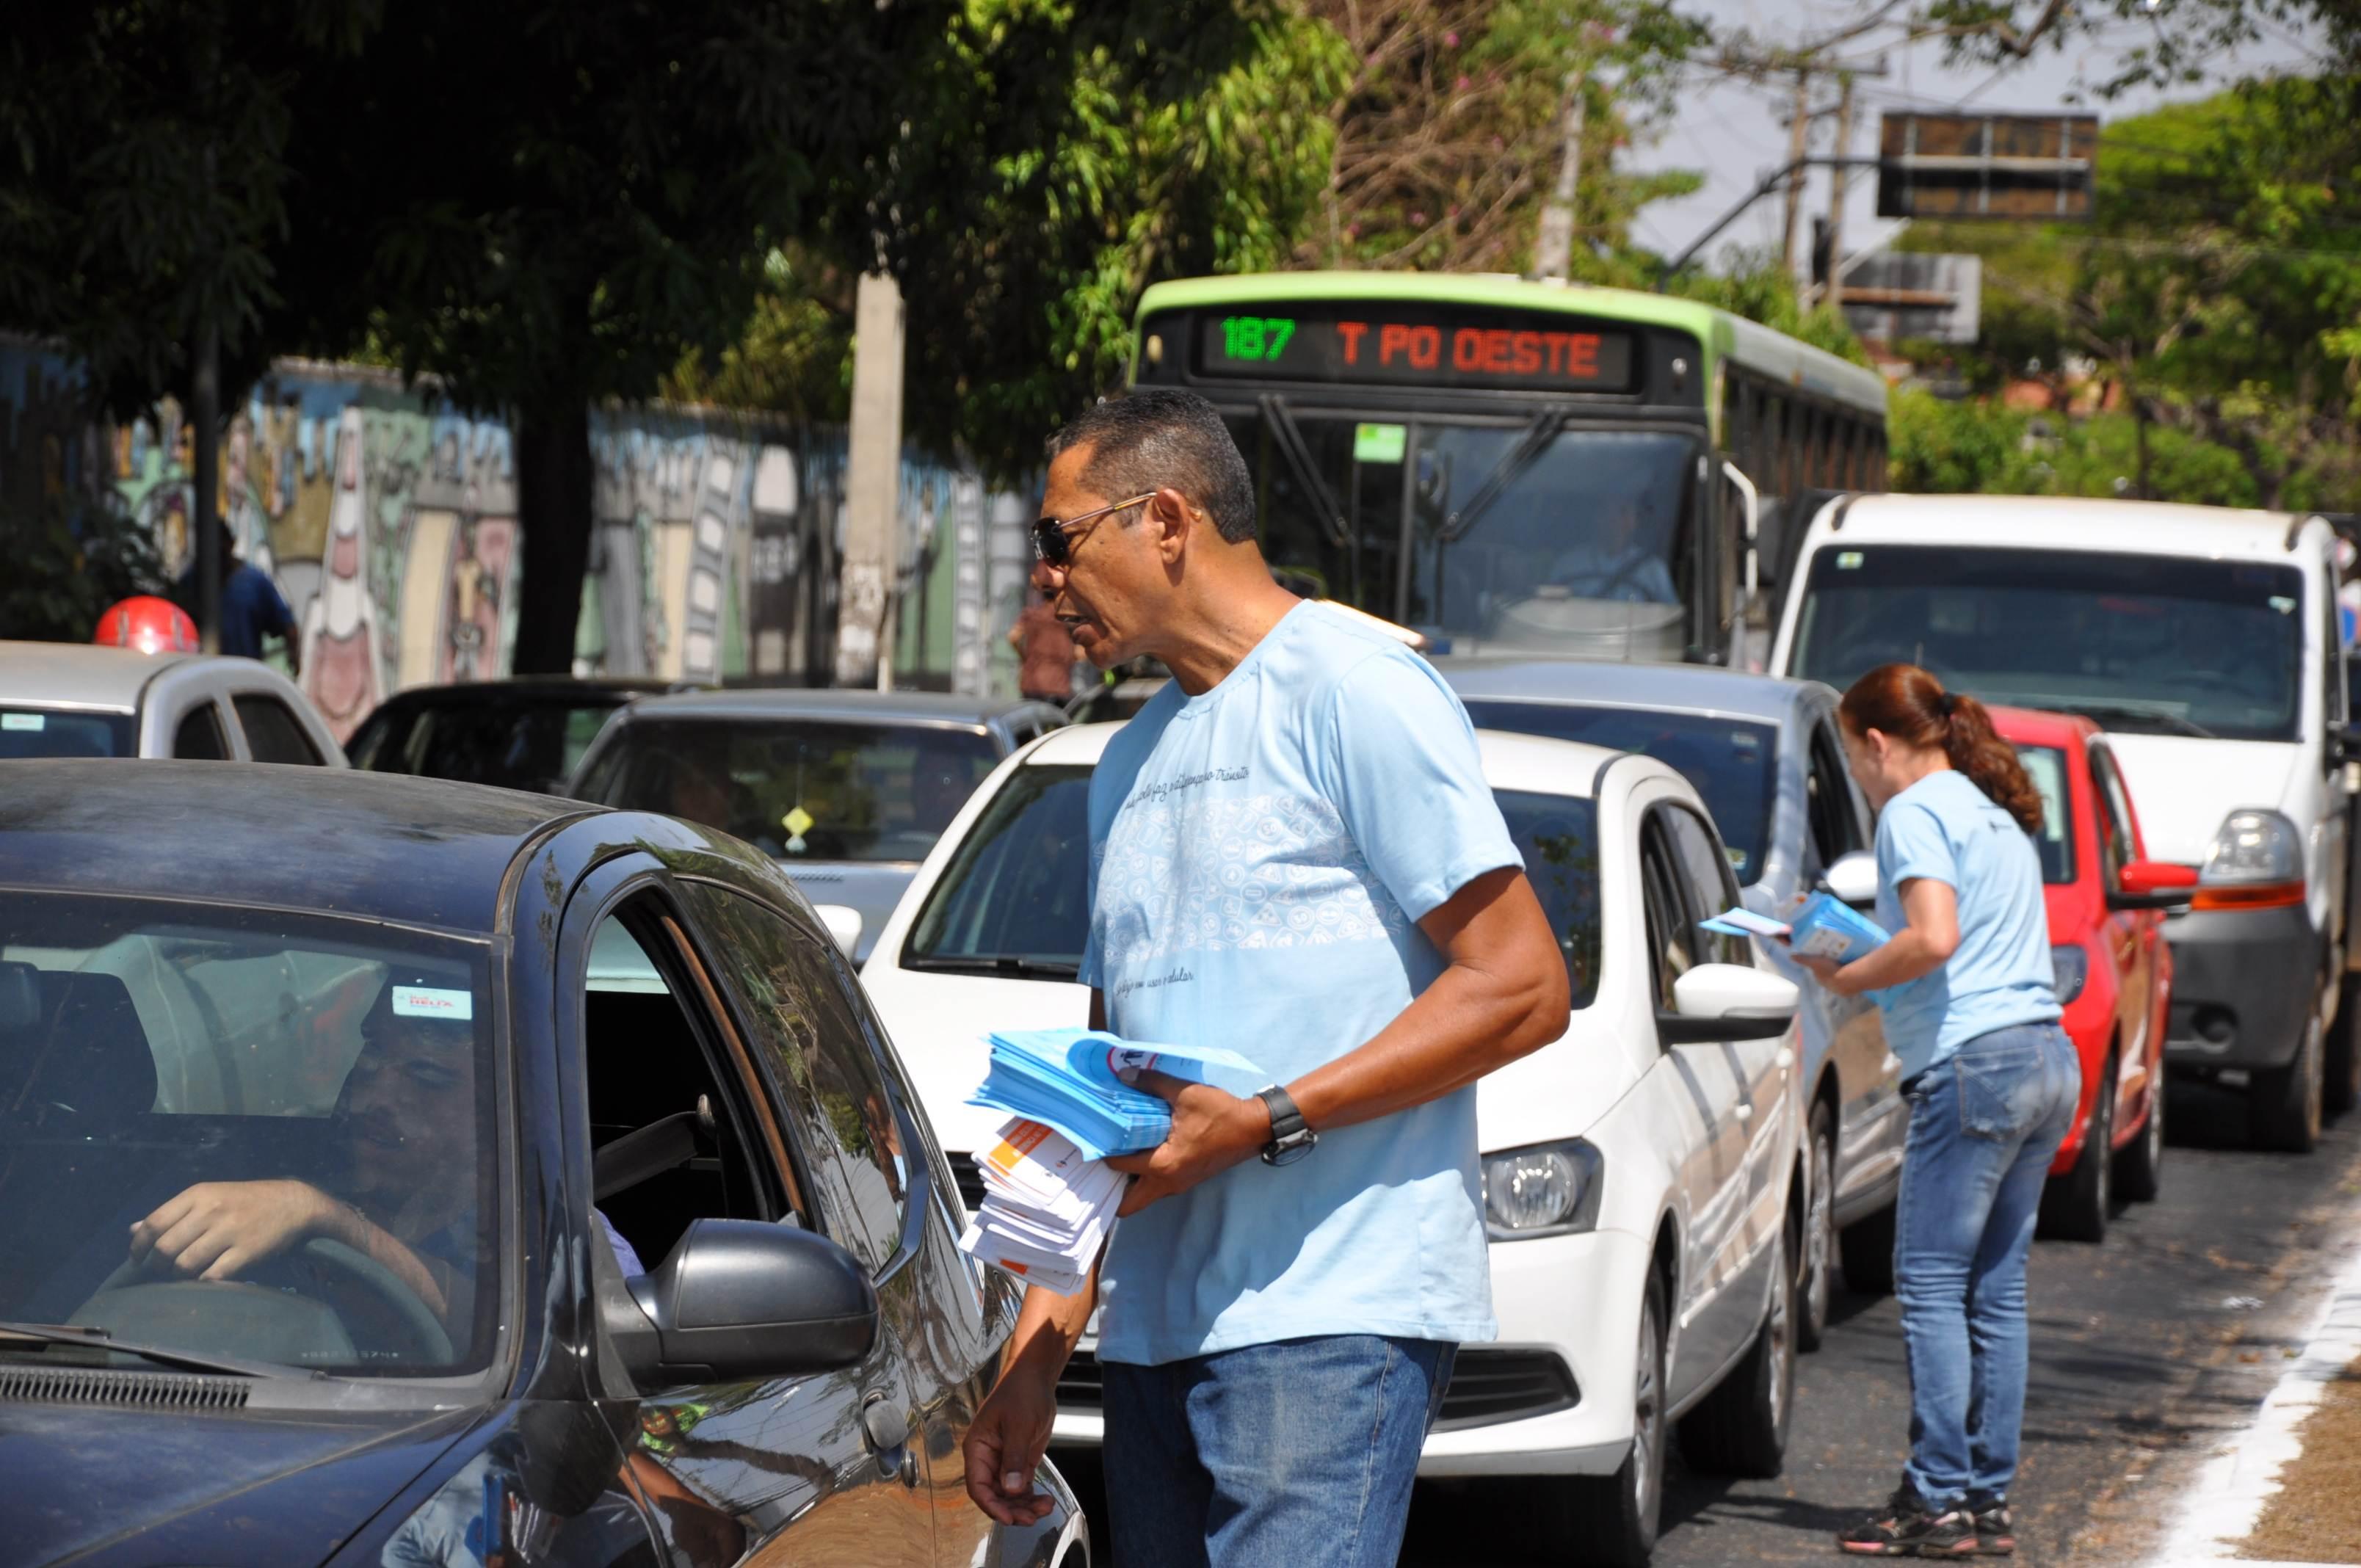 Também foi realizada uma blitz educativa no local   Foto: Divulgação / Detran-GO